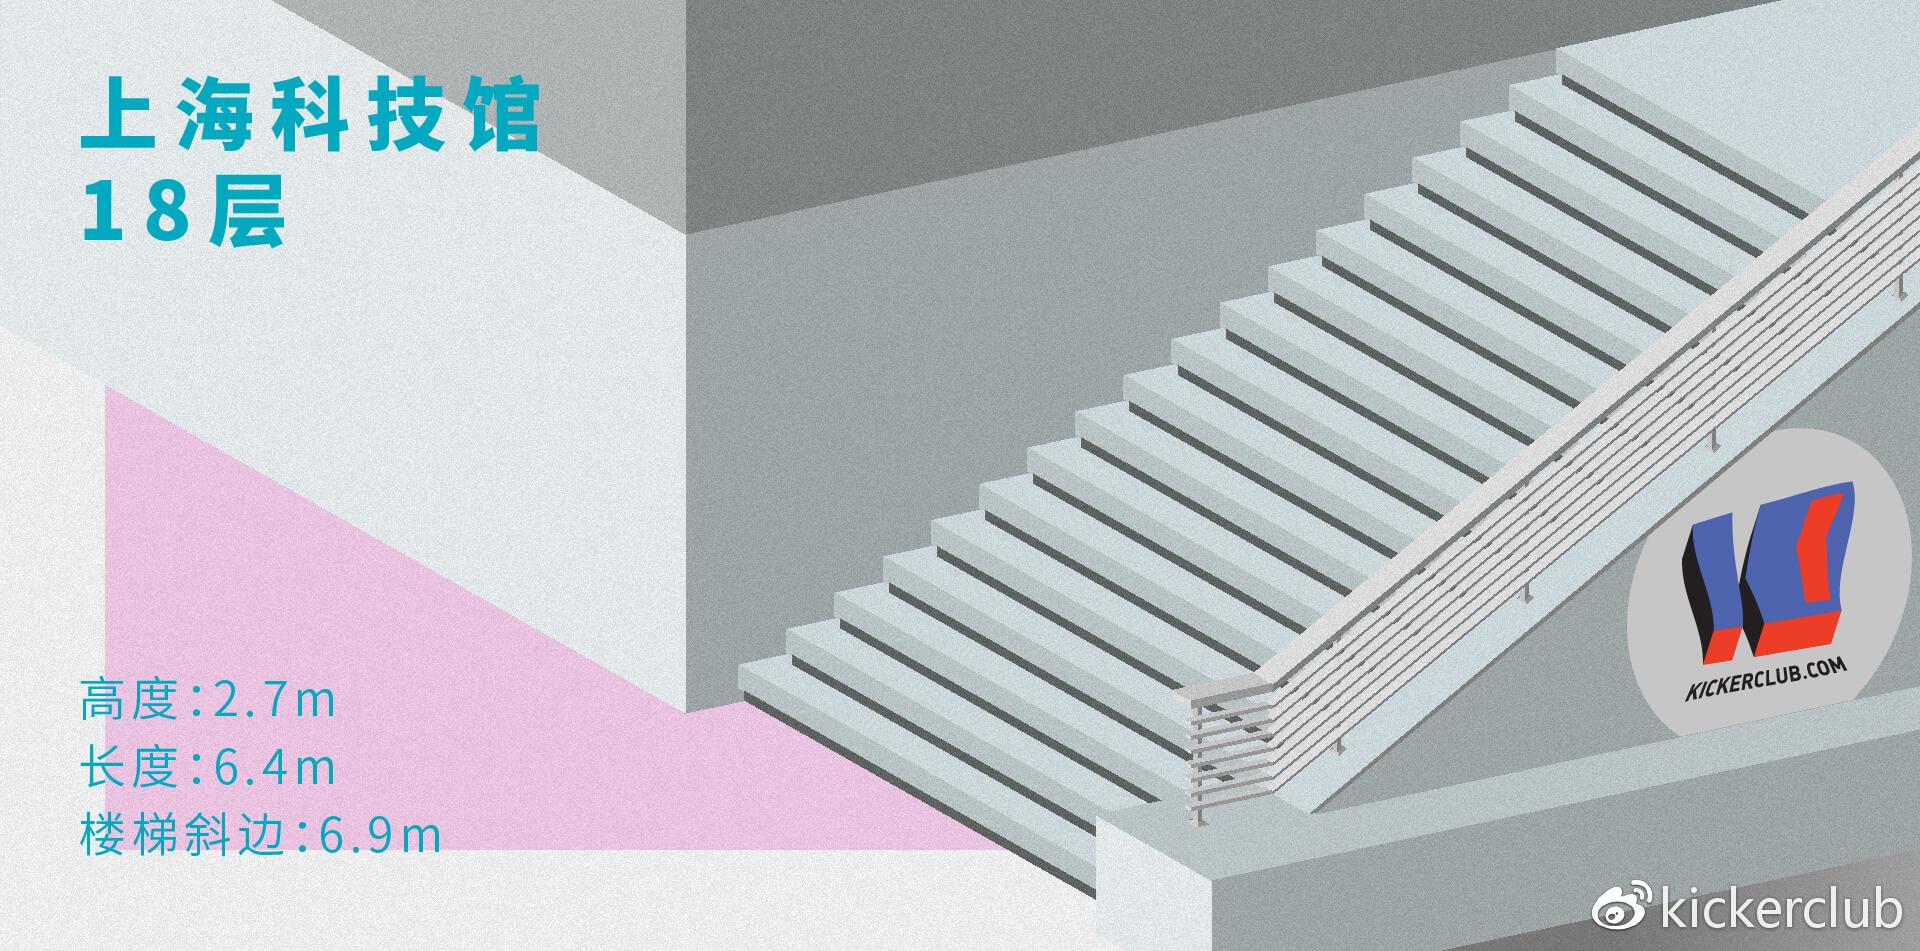 (地形资料:上海科技馆18层,高2.7米,长6.4米)